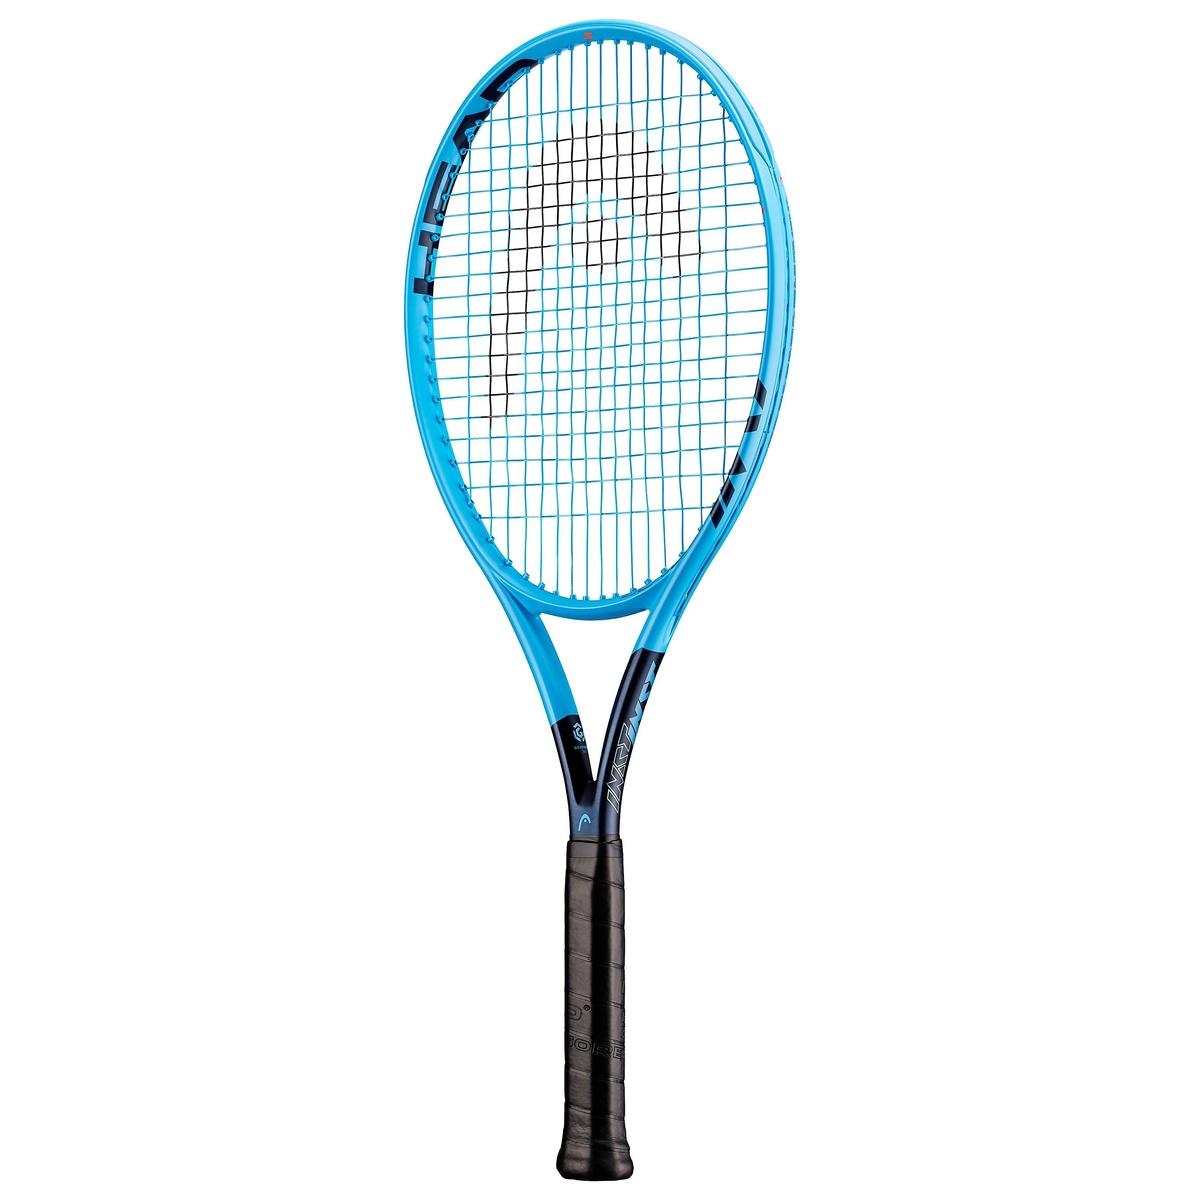 【送料無料】 HEAD (ヘッド) 【フレームのみ】テニス フレームラケット GRAPHENE 360 INSTINCT S 230839